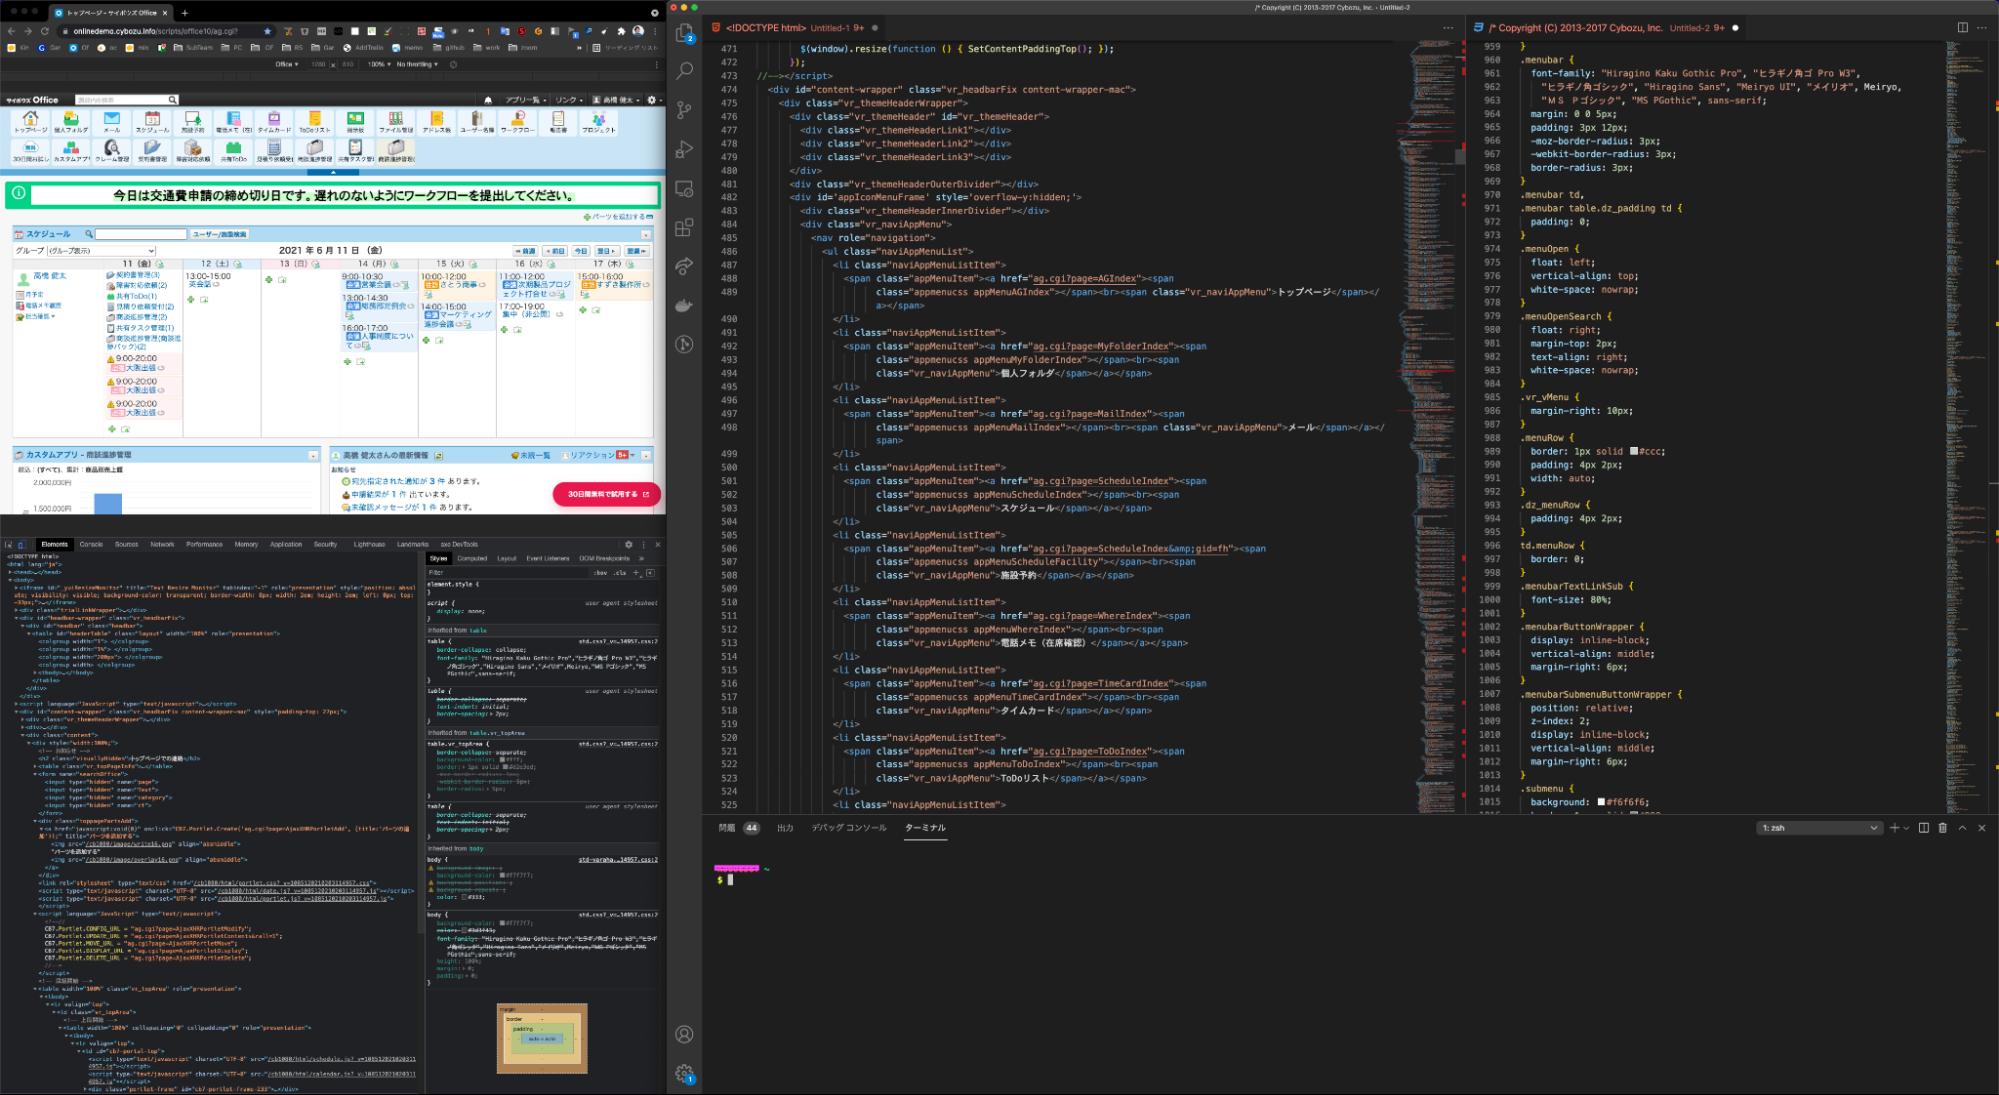 スクリーンショット:ディスプレイにエディターツールとターミナルを表示し修正しながら、ブラウザも並べて表示し、実際の表示や出力された内容を確認しながら実装しているイメージ